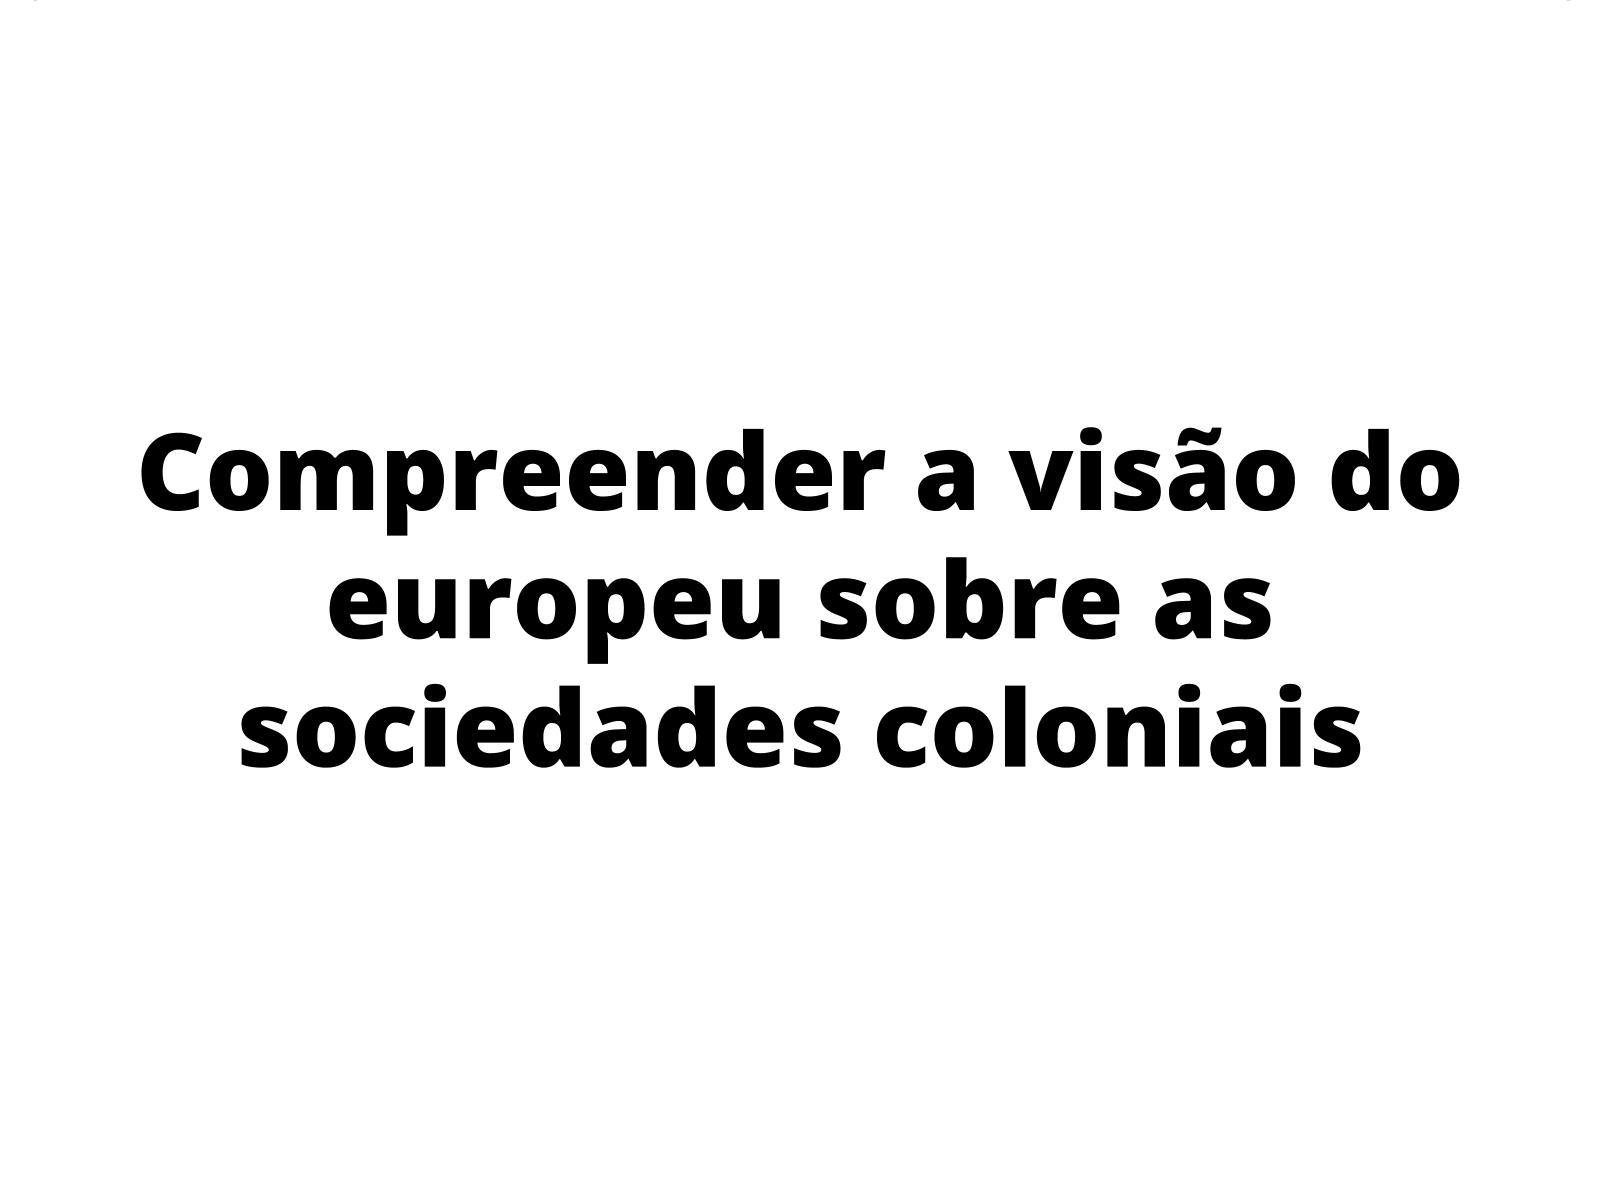 O colonizador e suas visões sobre o Novo Mundo